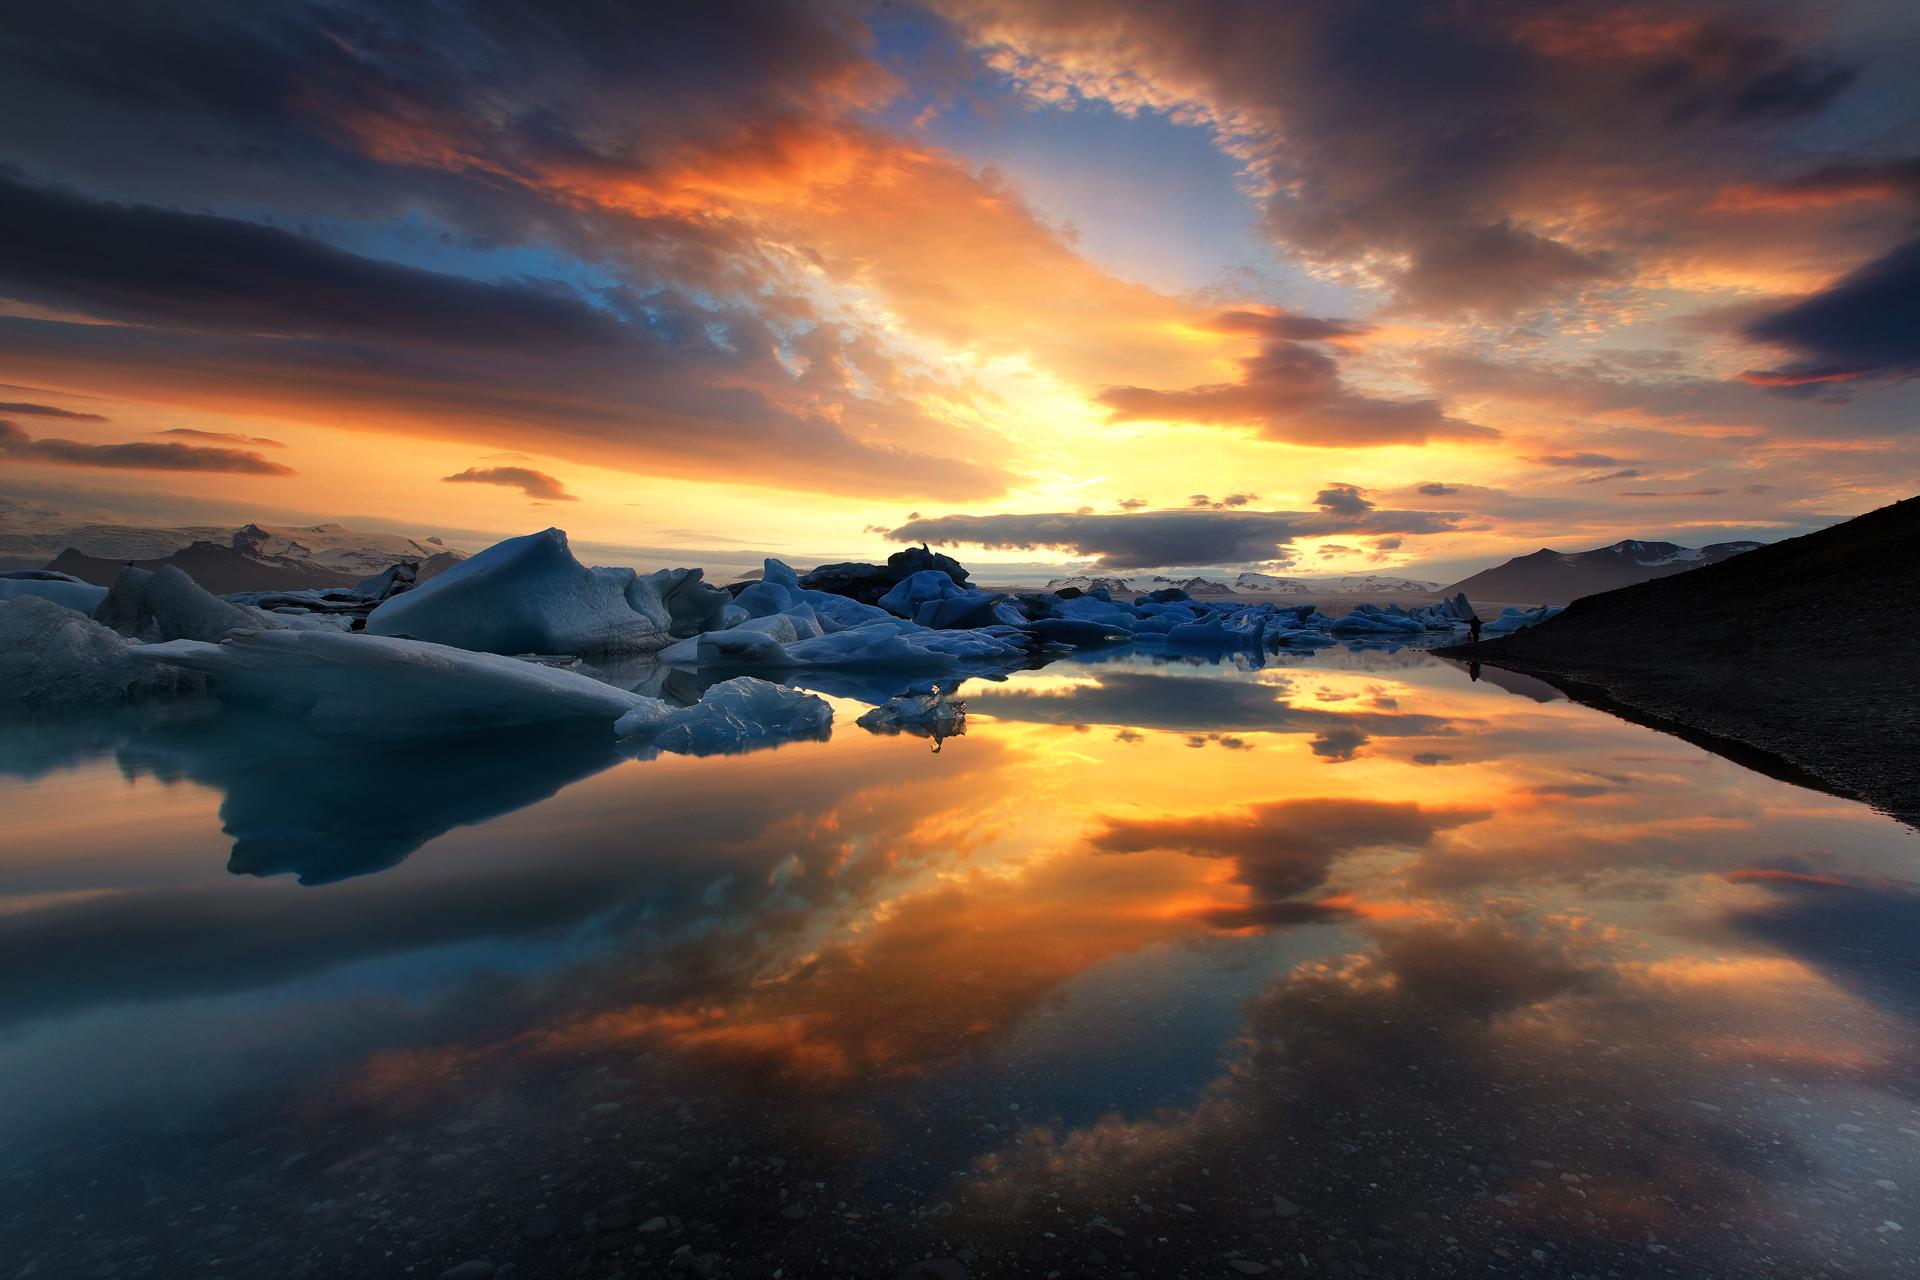 아름다운 하늘을 색을 그대로 담은 요쿨살론 빙하 라군